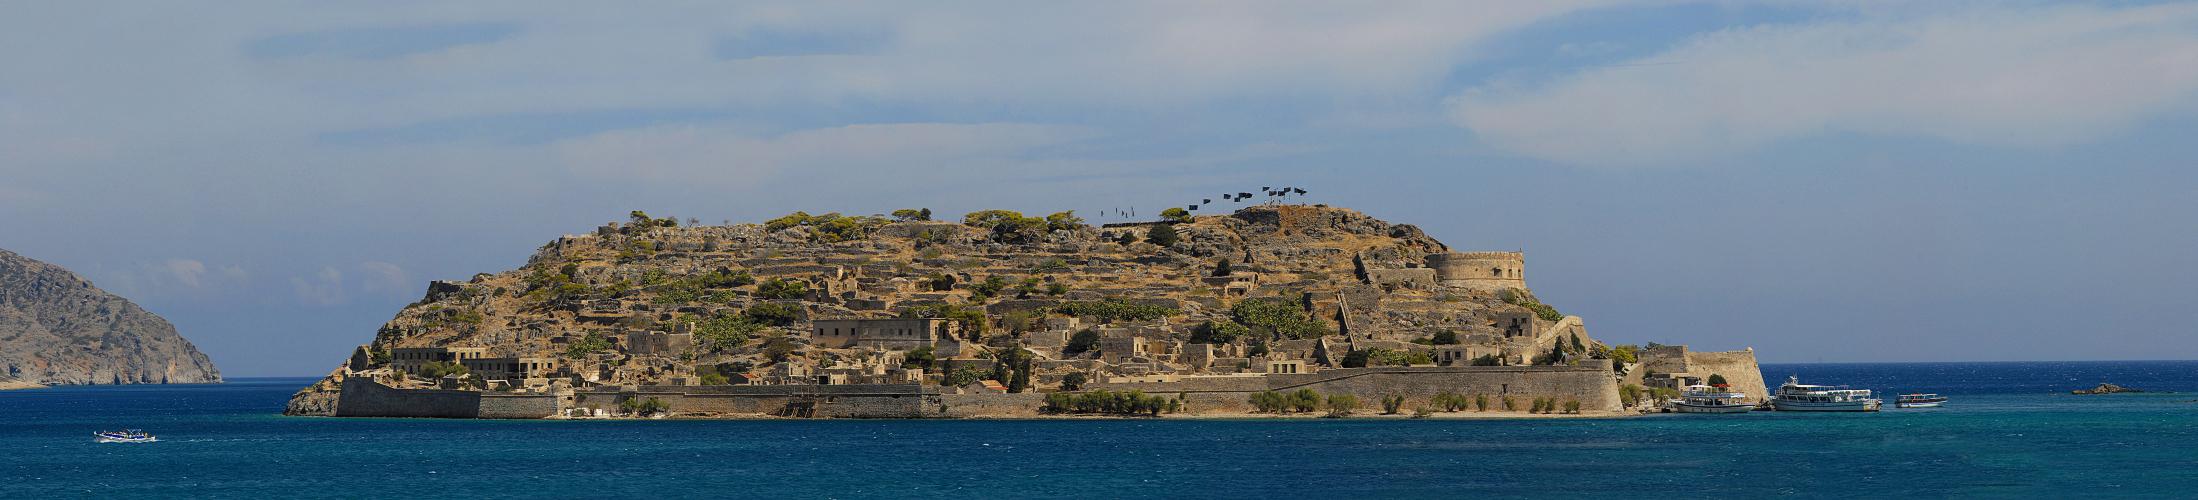 Kreta-2012_09_28-11_35_15 Panorama-1